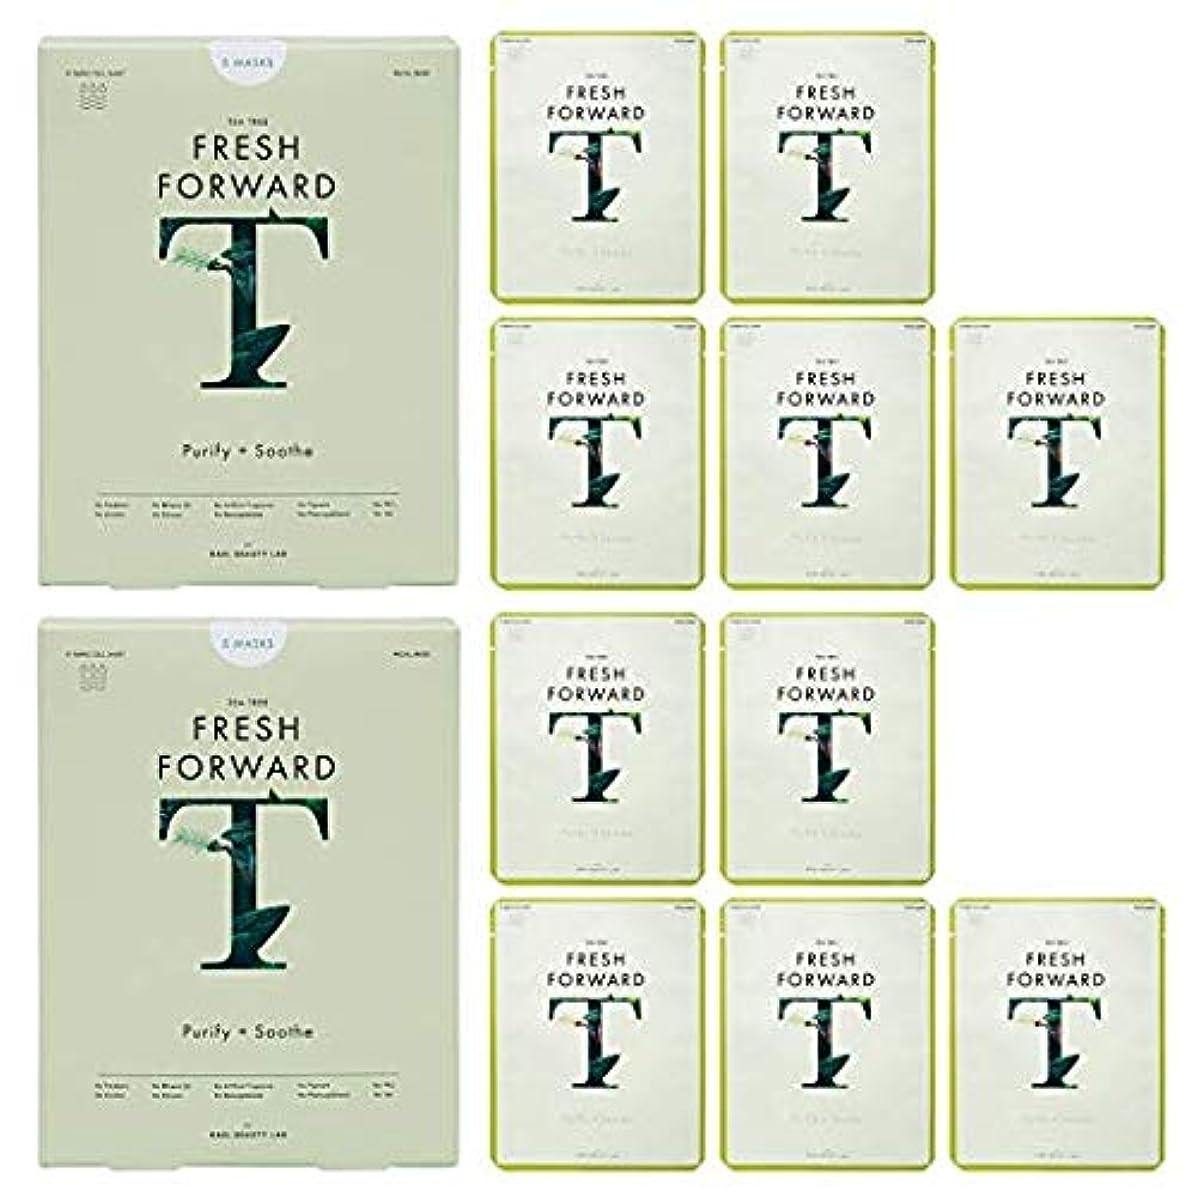 落ちたサイトガラスRael ティーツリー フェイスマスクパック5個入 x 2 (10個) [並行輸入品]